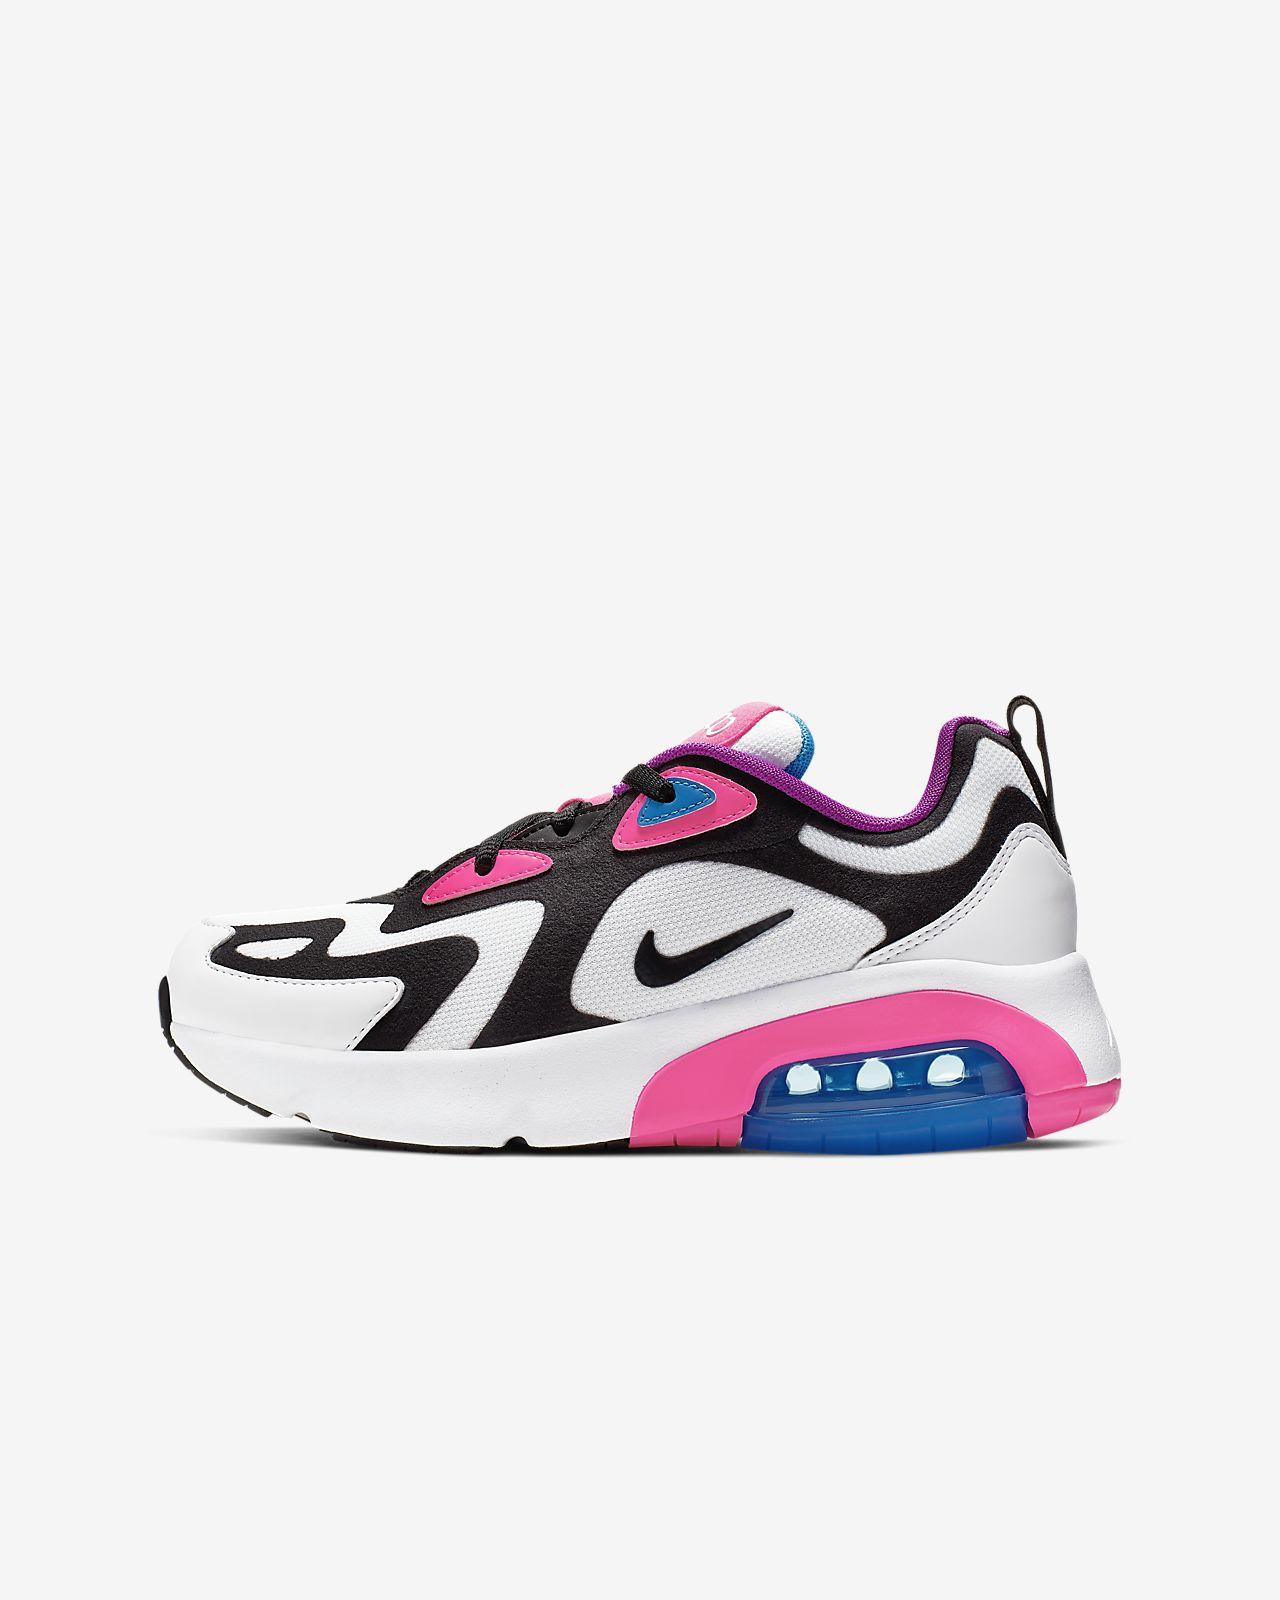 scarpe nike air maxi taglia 38.5 per bambino